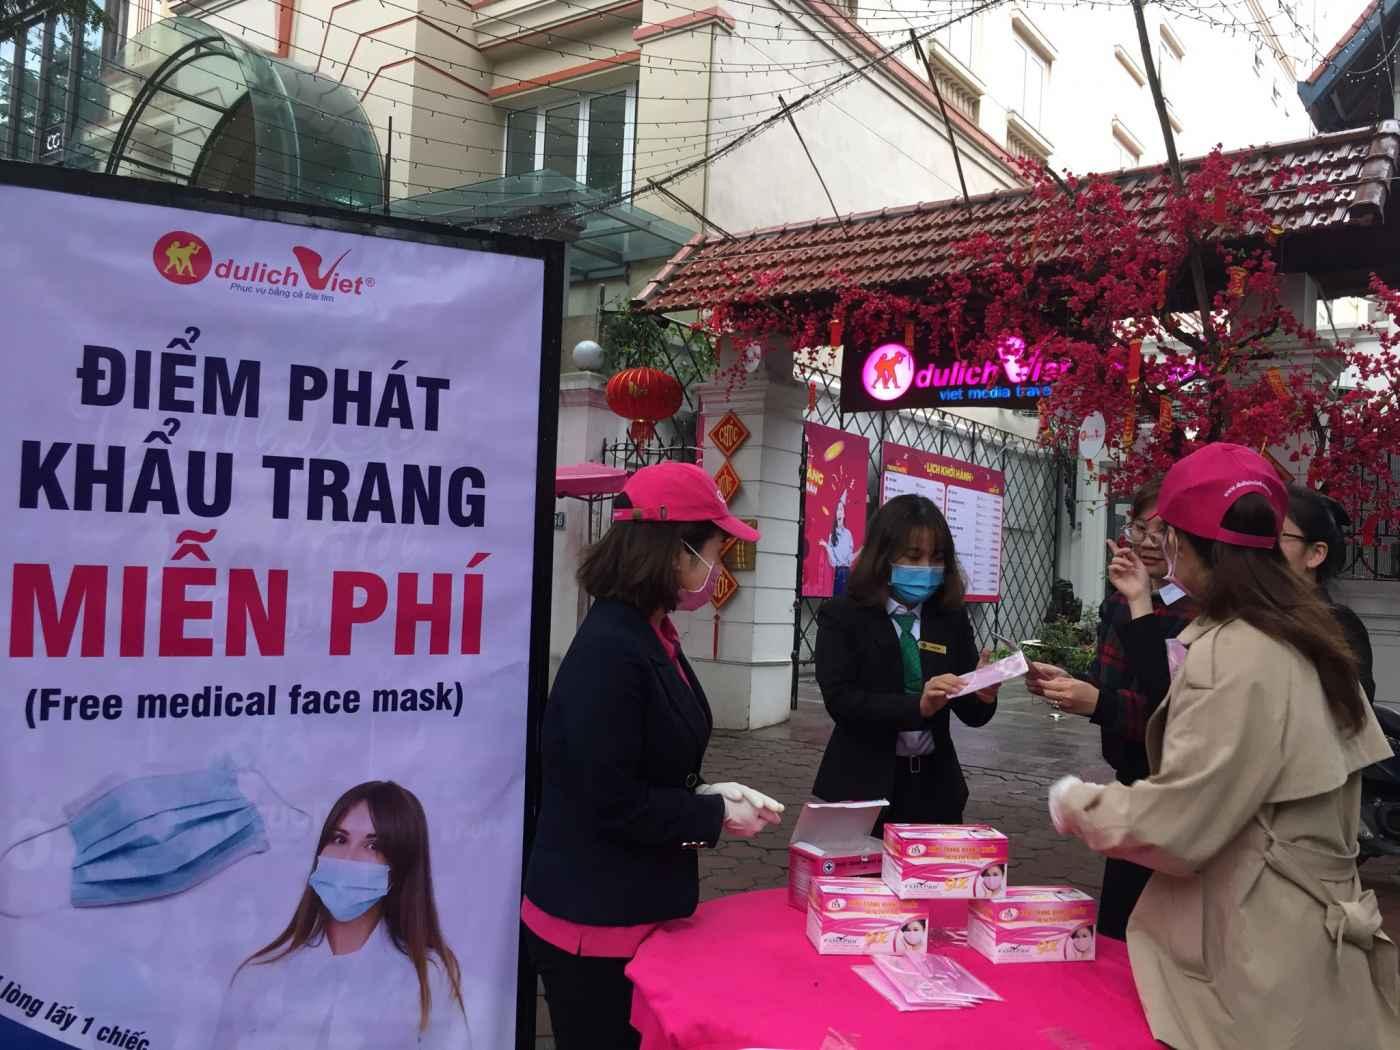 Du Lịch Việt phát miễn phí 10.000 khẩu trang tiêu chuẩn y tế cho cộng đồng